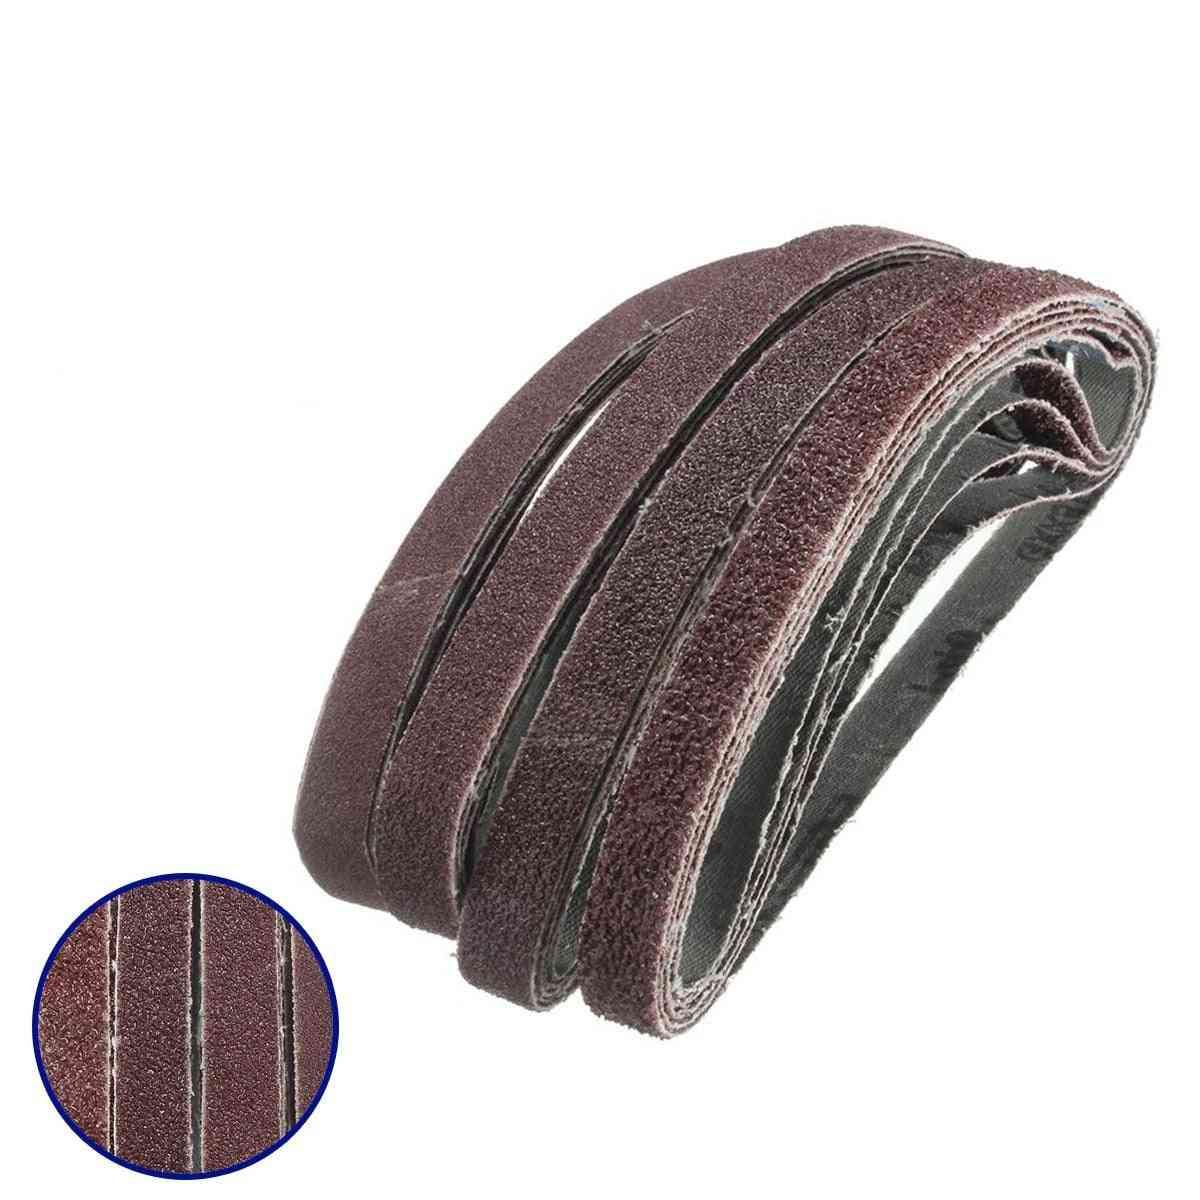 Assorted Power-file Sanding Sander Belts